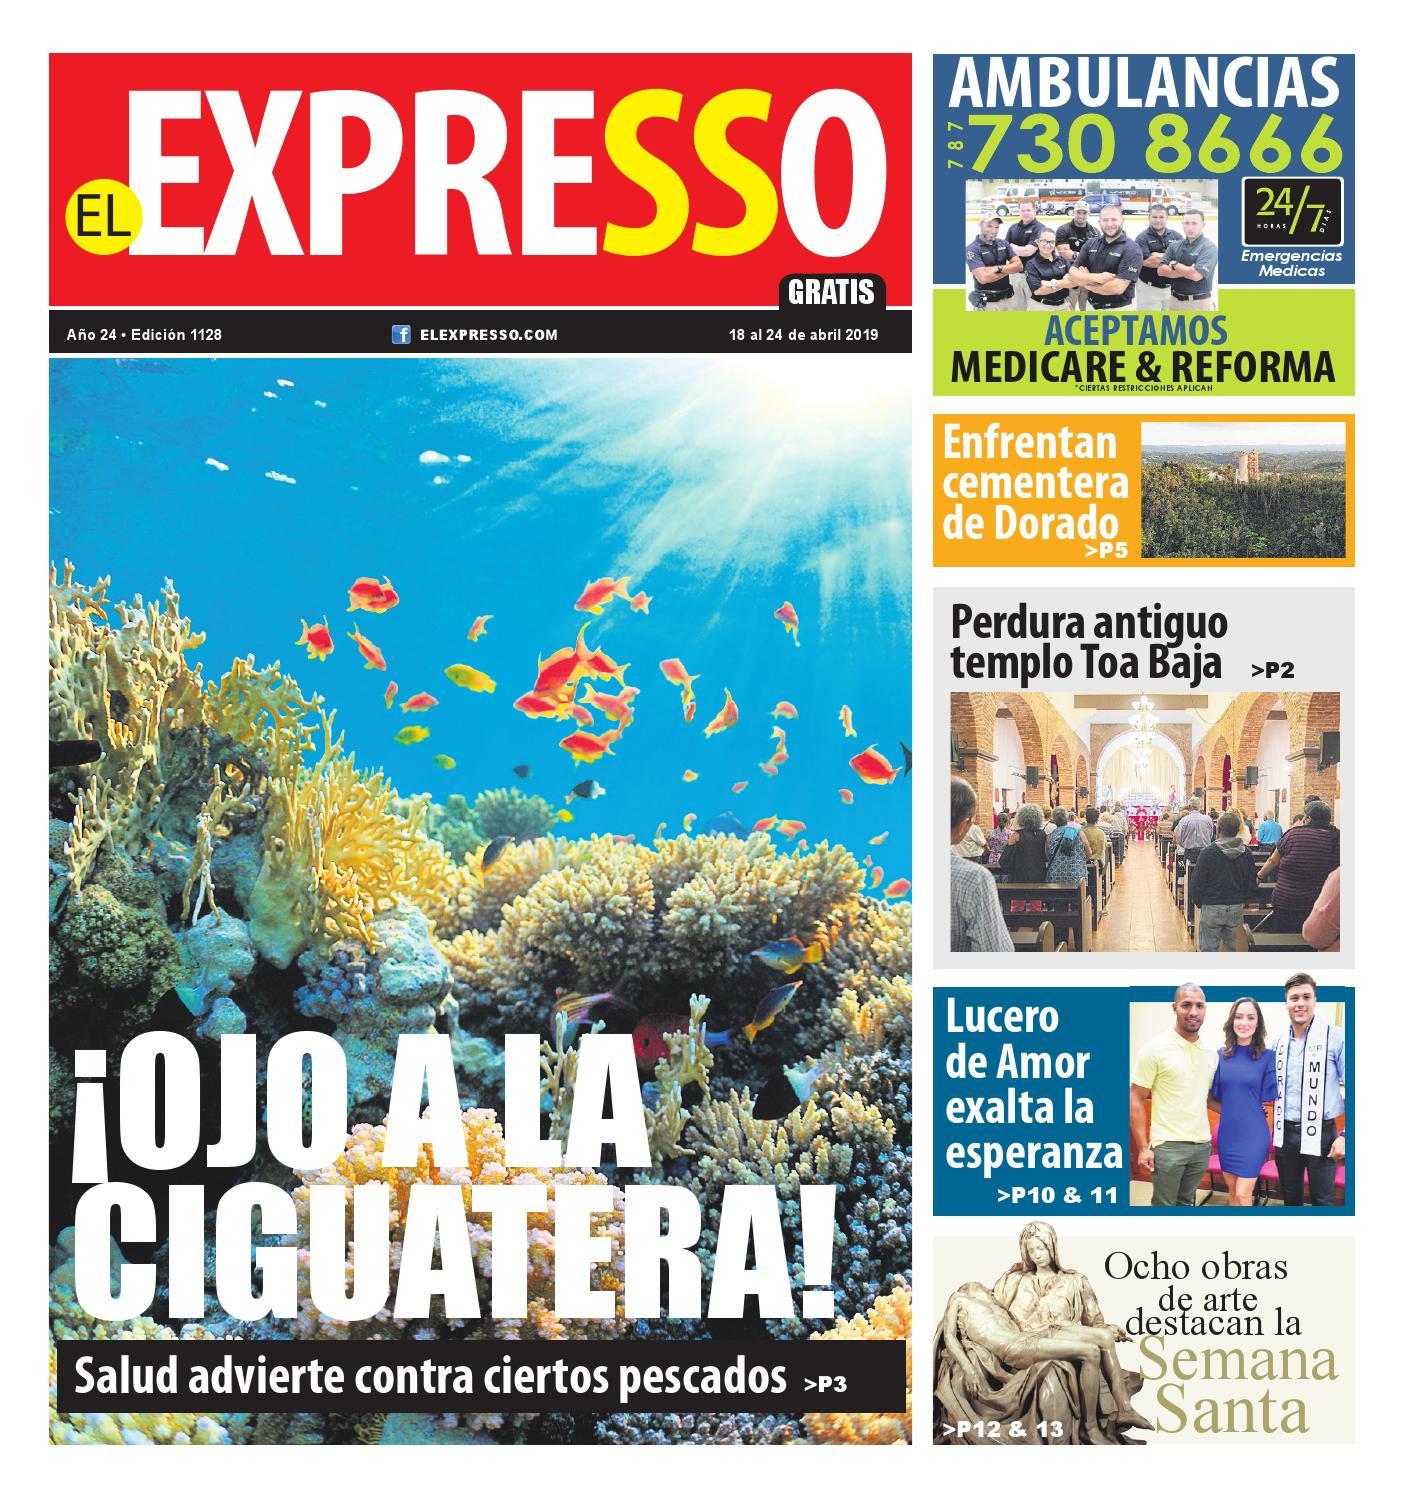 El Expresso 1128 By El Expresso De Puerto Rico Issuu